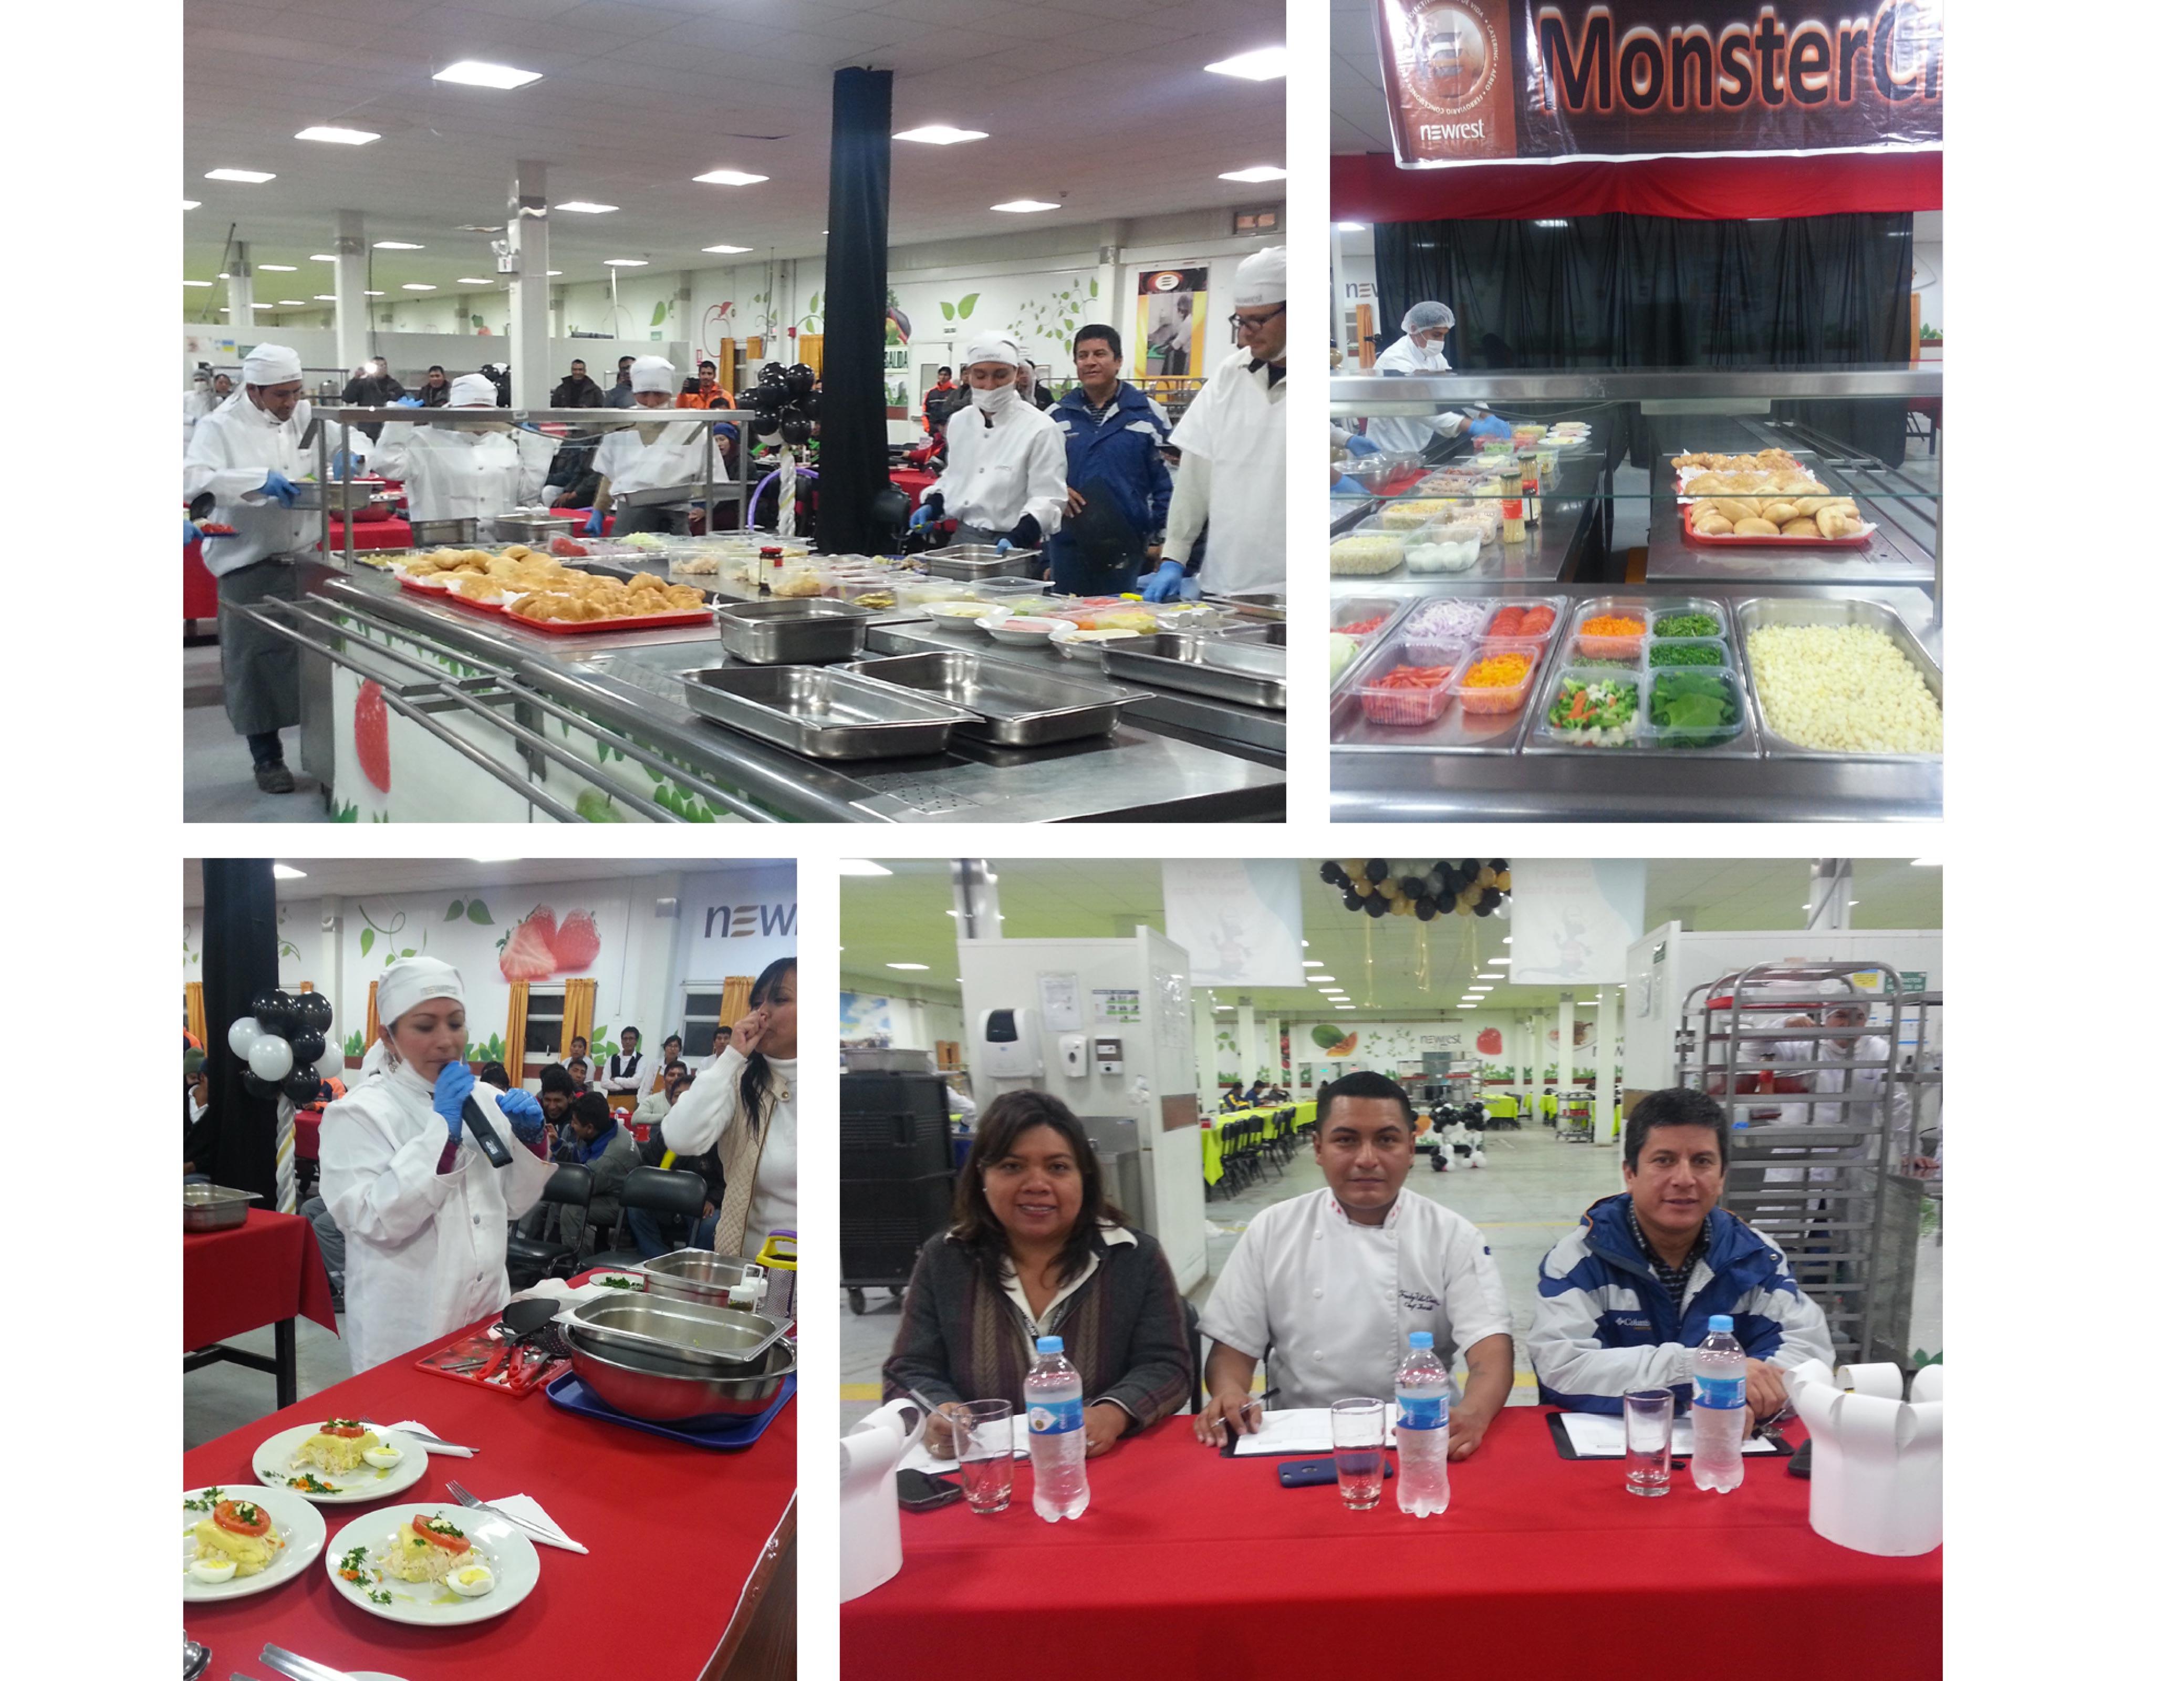 Monster Chef Newrest Peru